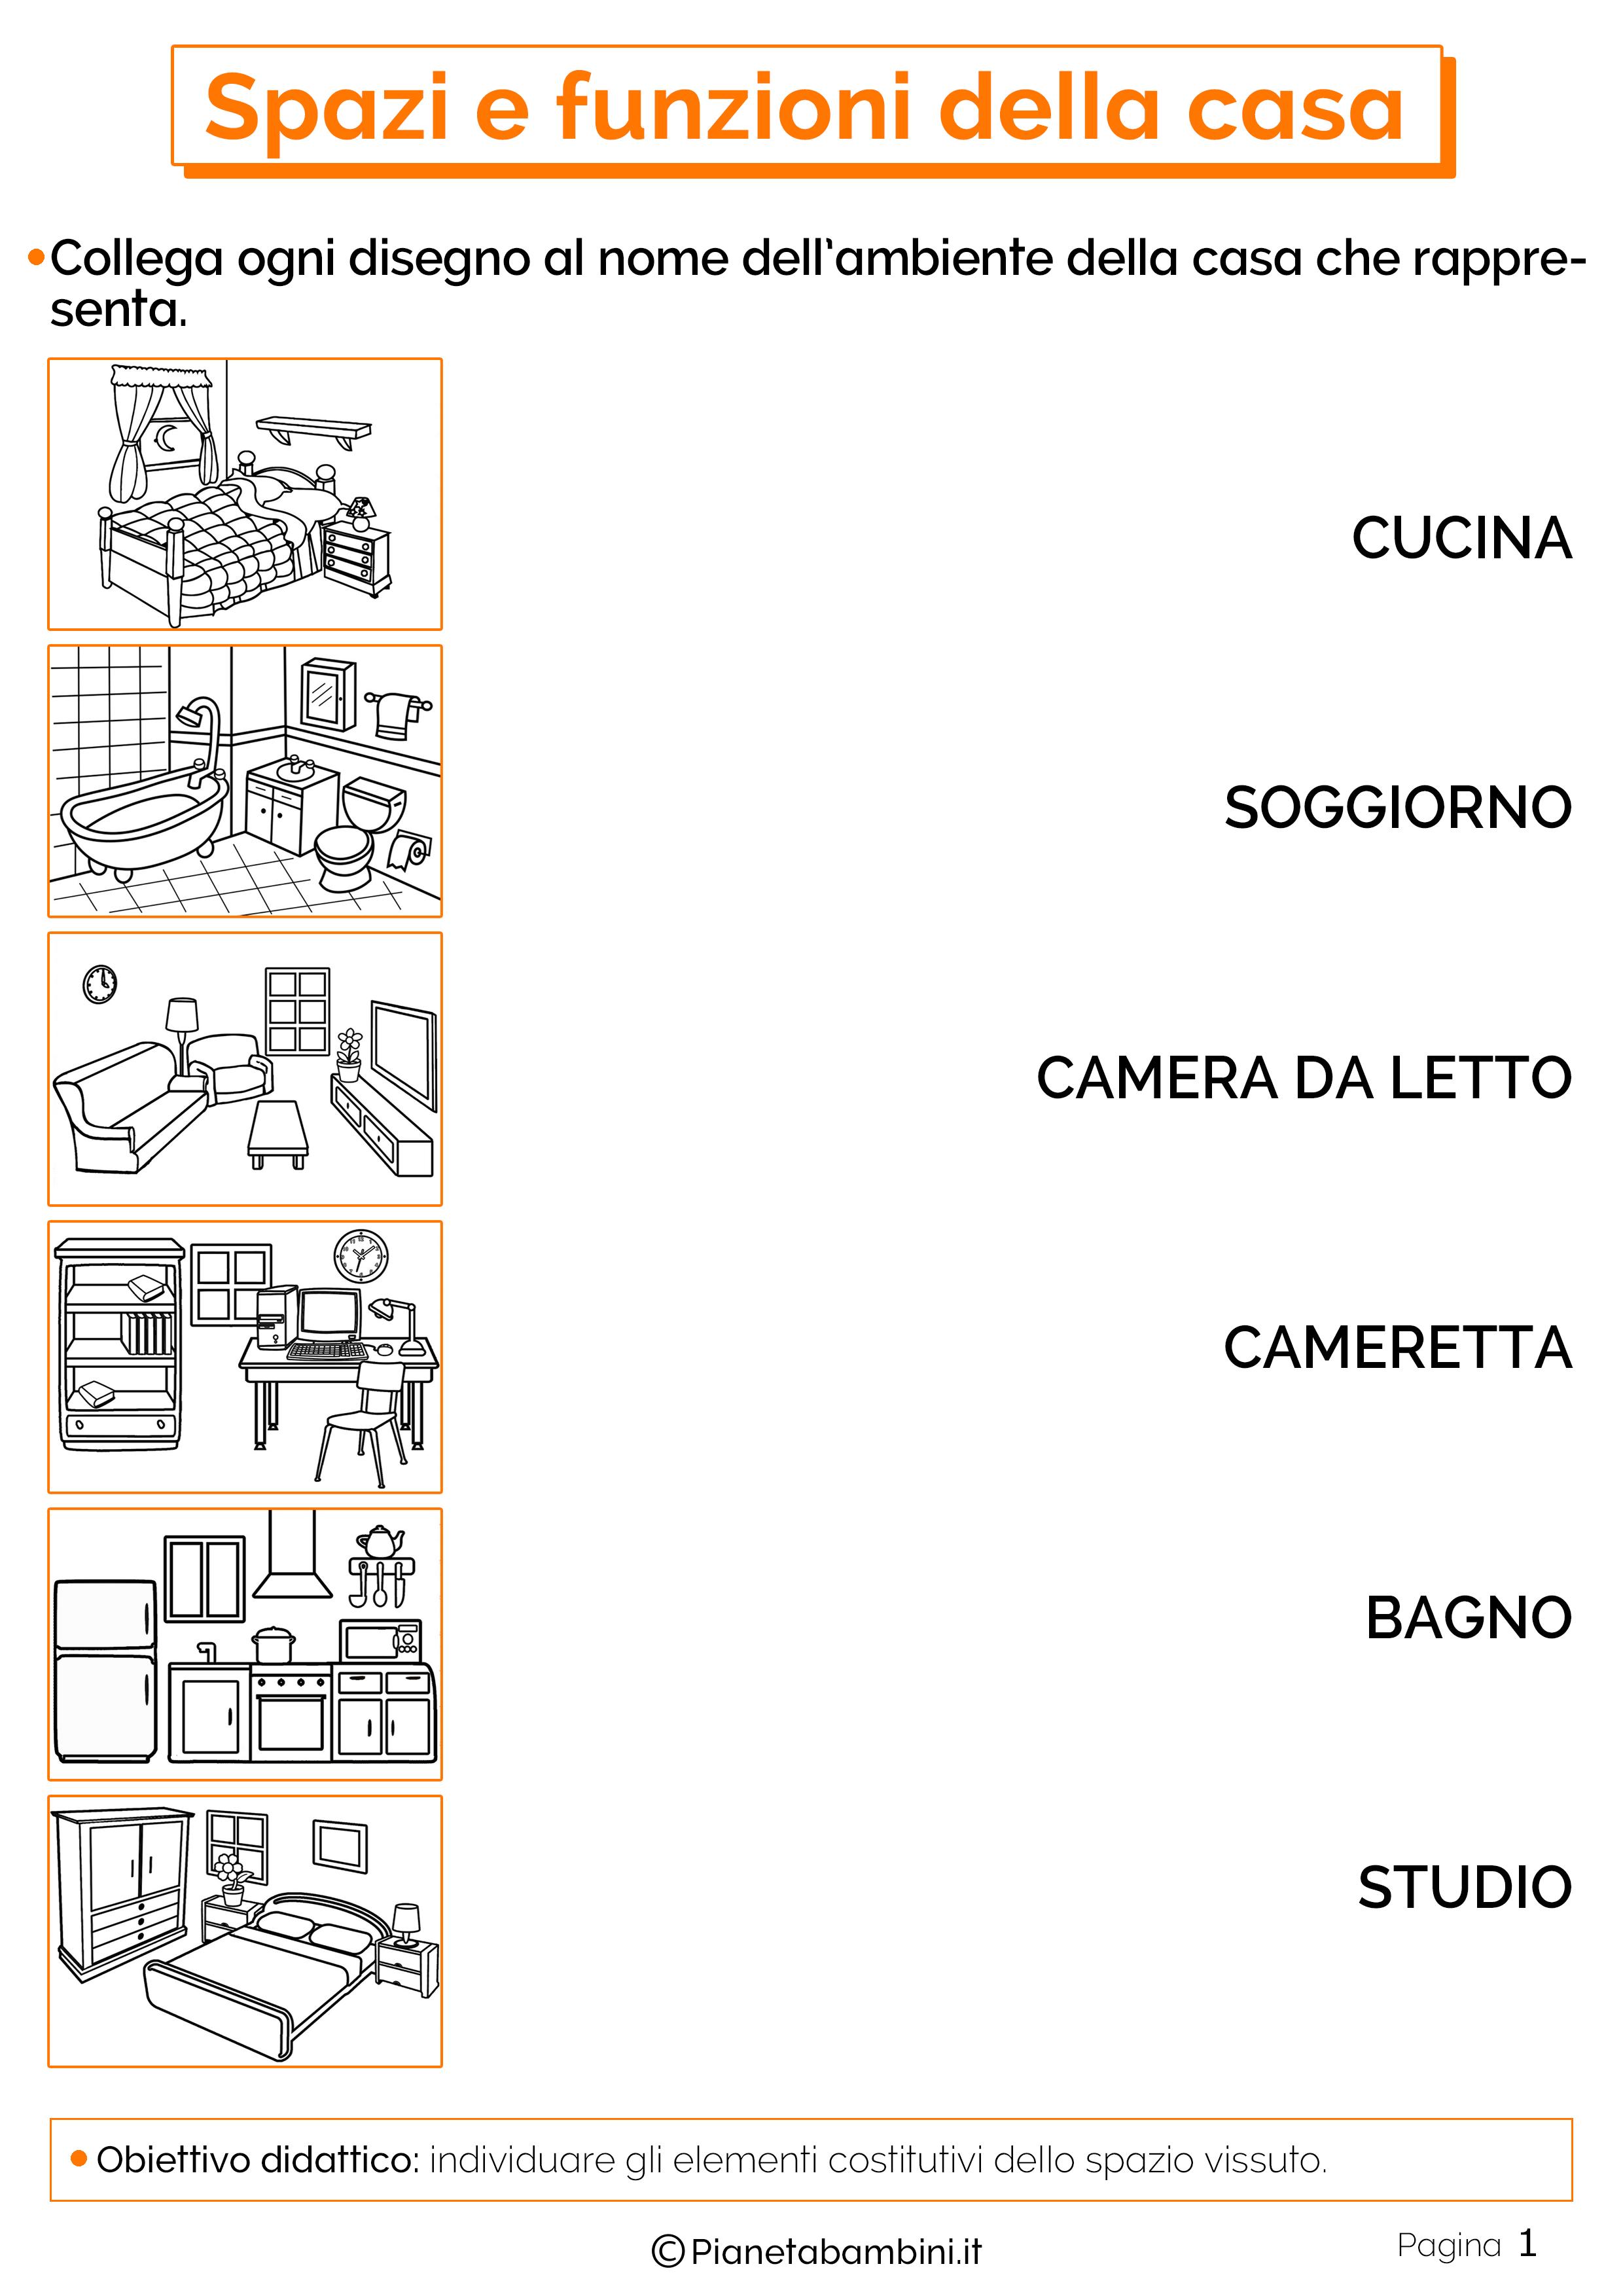 Esercizi su spazi e funzioni della casa 1